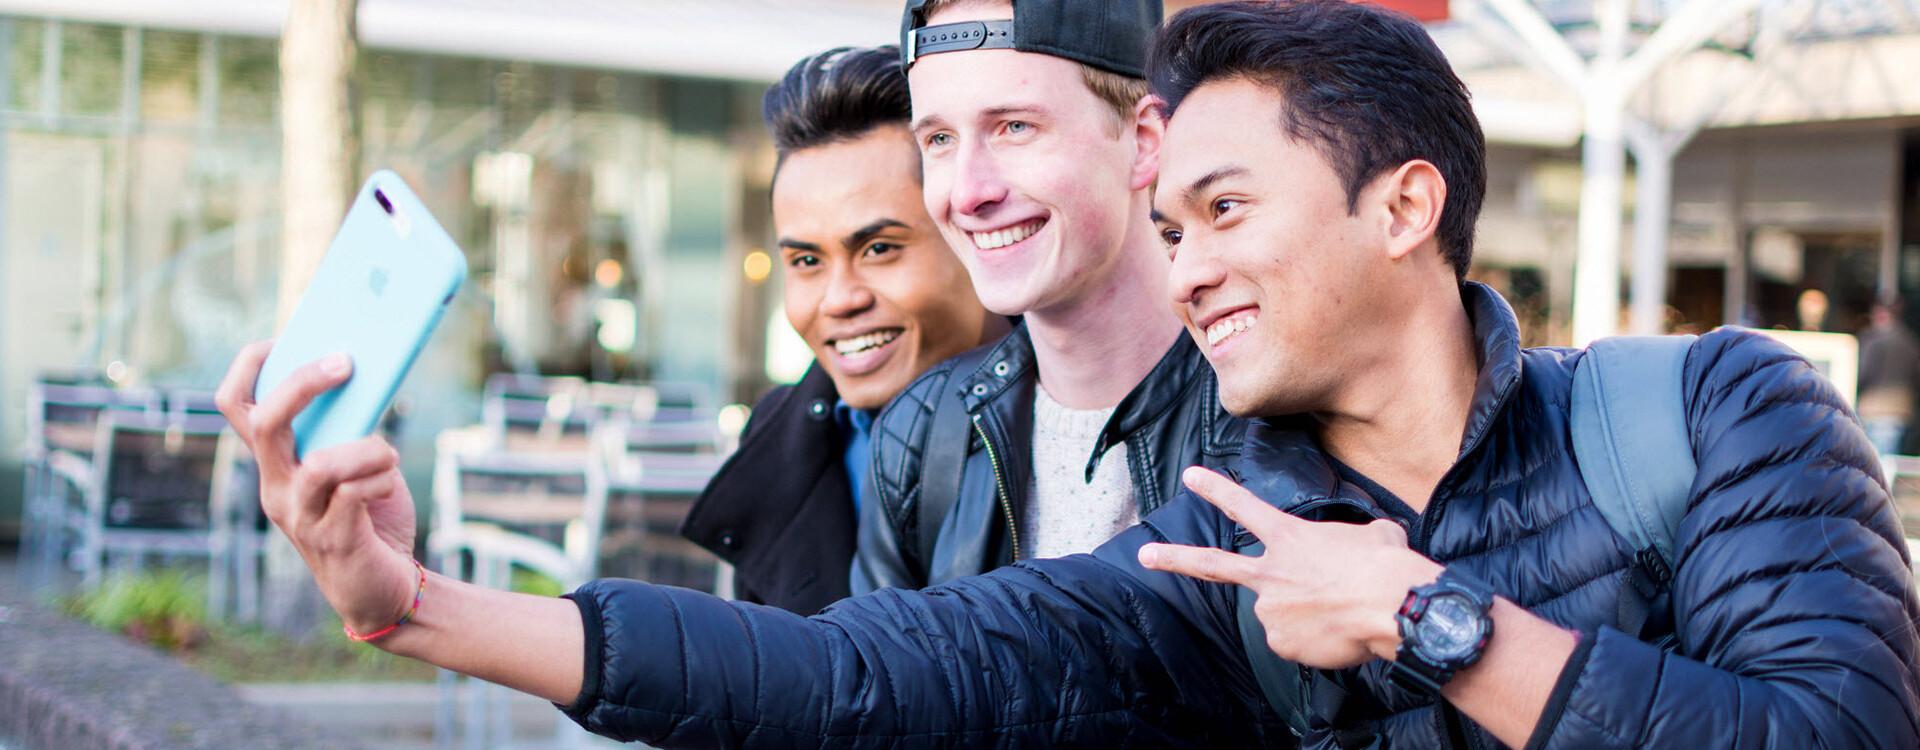 Jongeren maken selfie